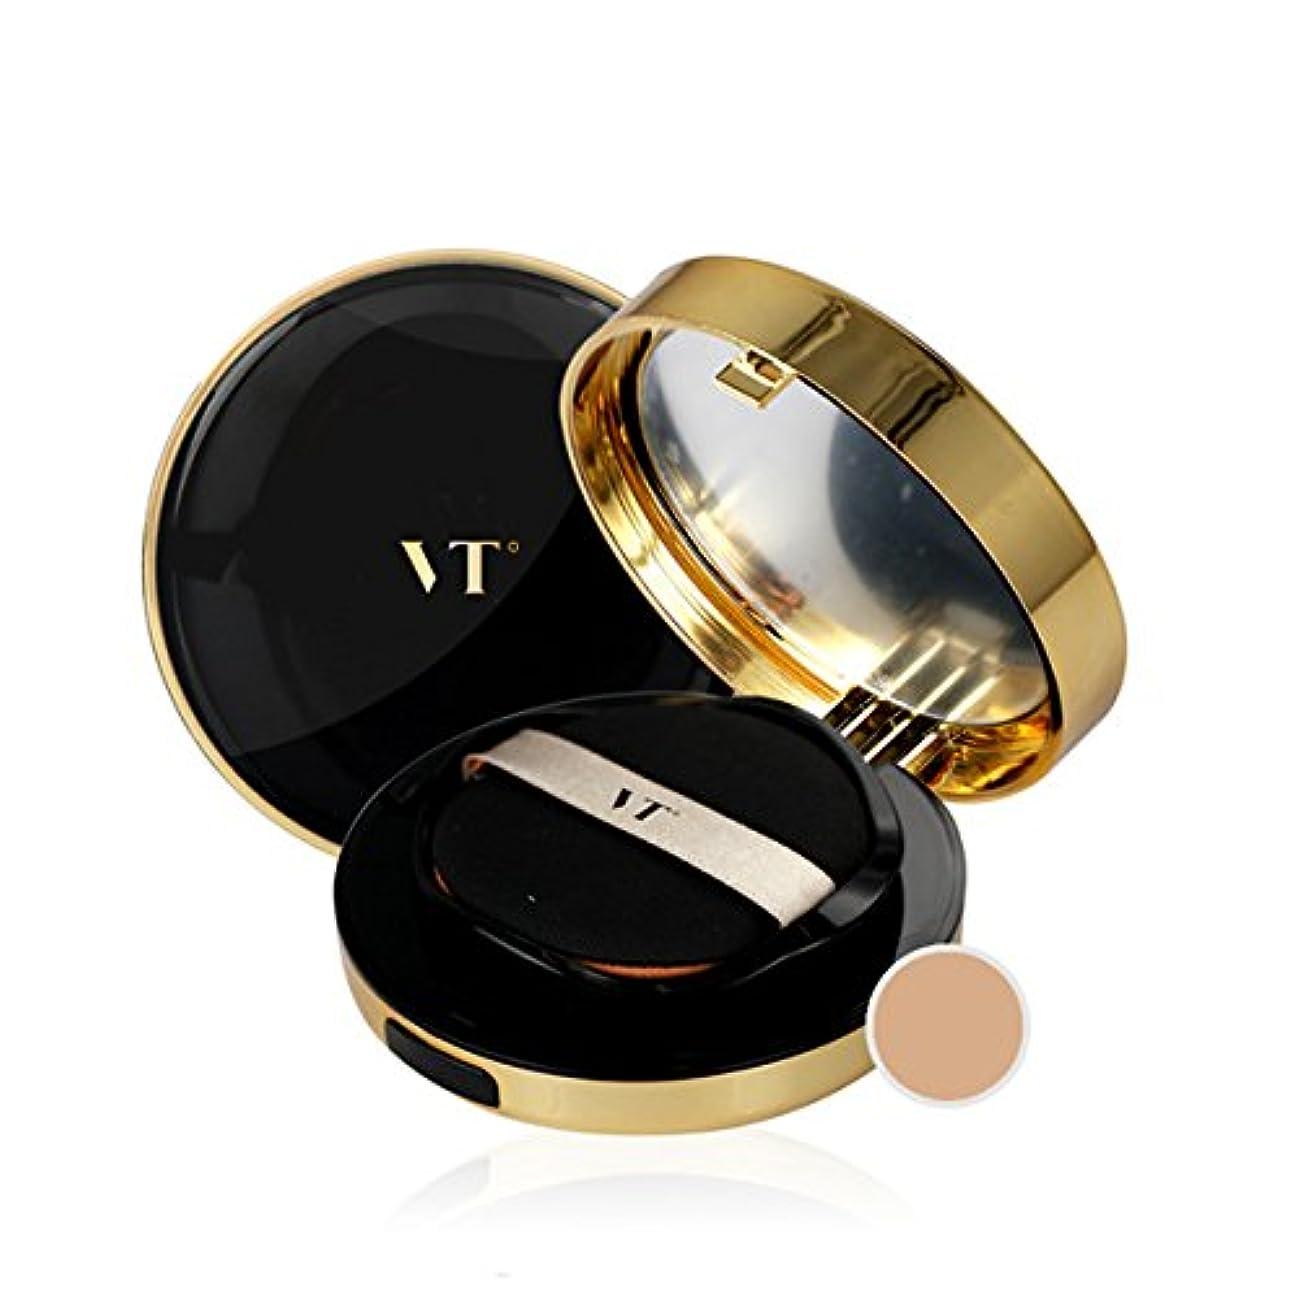 自体製品そのようなバント36.5(VANT36.5)エッセンス スキン ファンデーション パクト(Essence Skin Foundation Pact)SPF50/PA+++ 12g